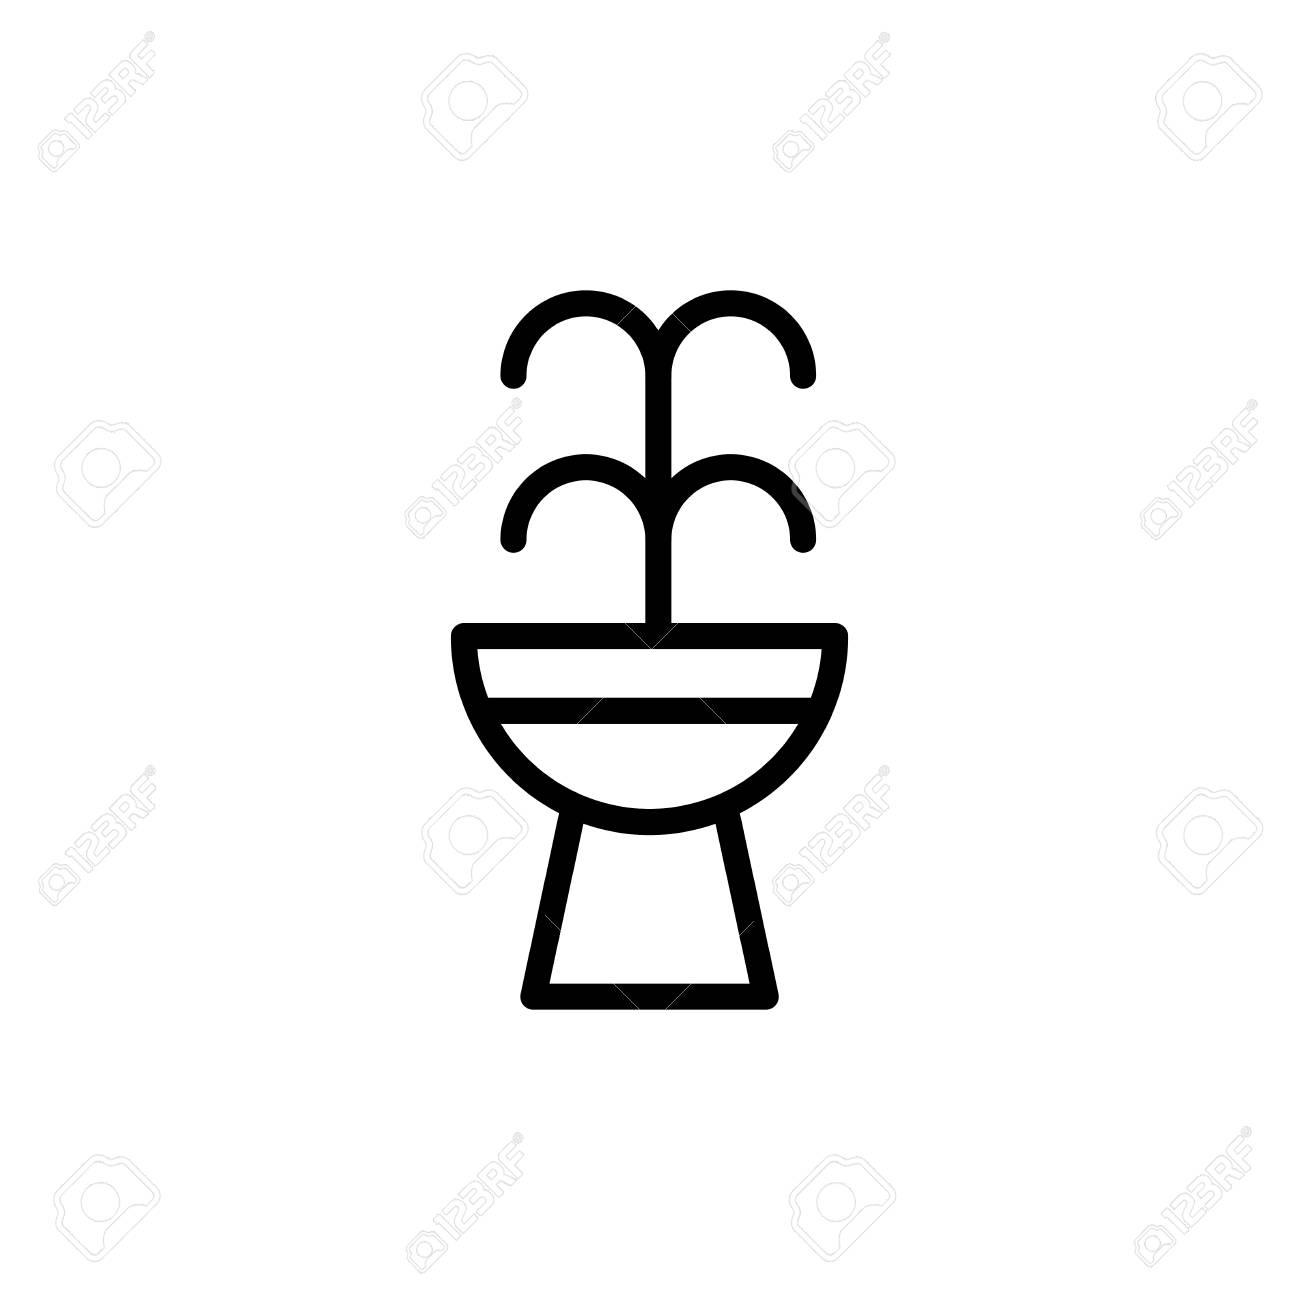 Großartig Elektrisches Symbol Für Einen Summer Fotos - Elektrische ...